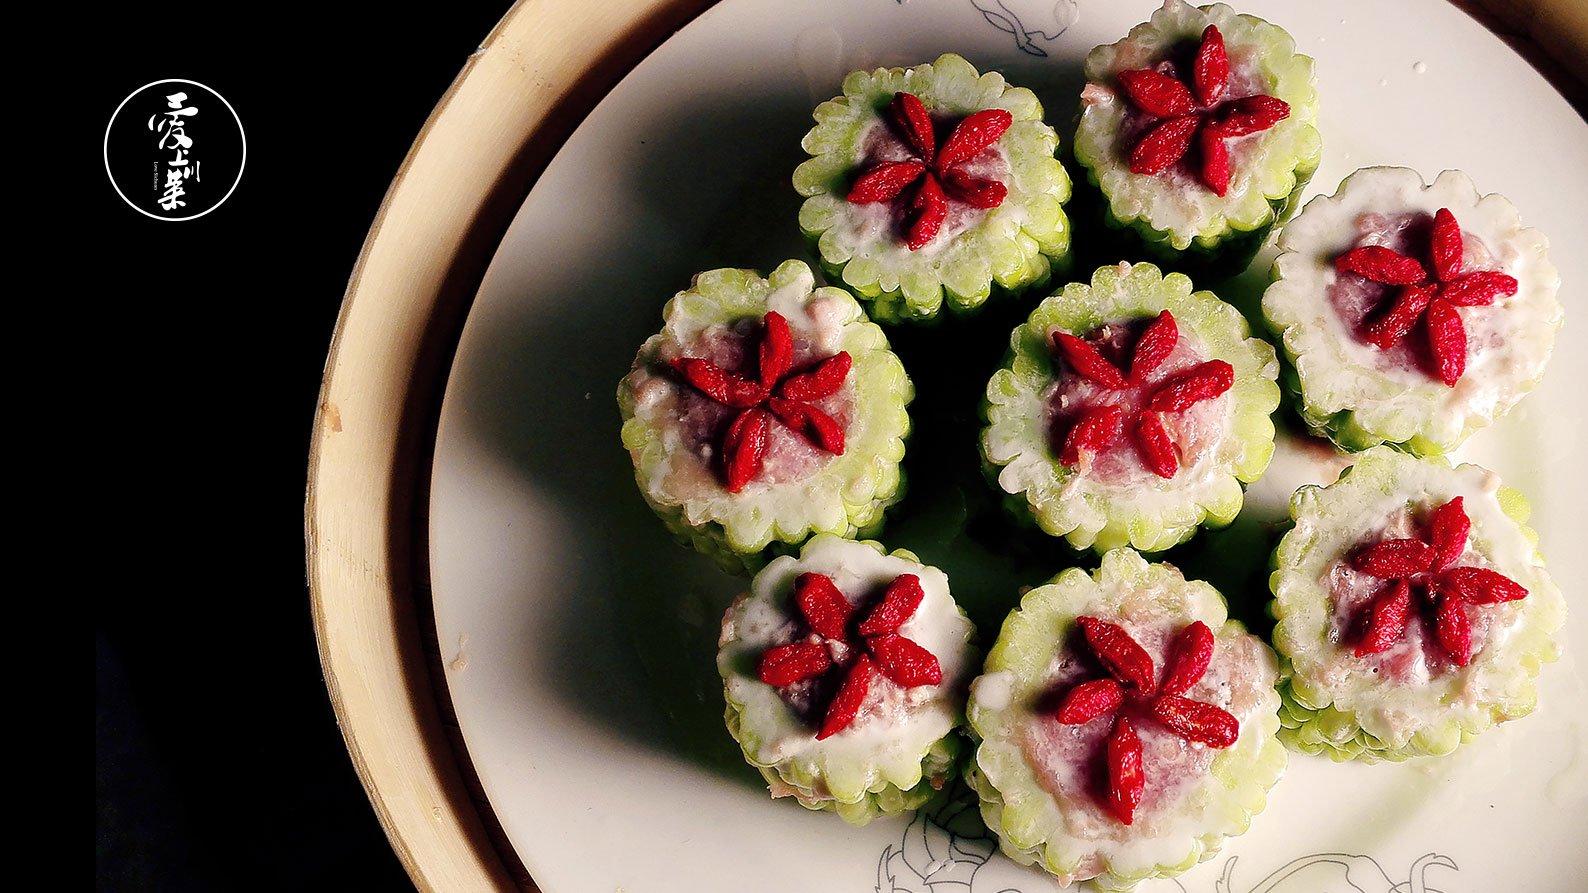 爱上川菜008:美人鱼的苦瓜酿肉